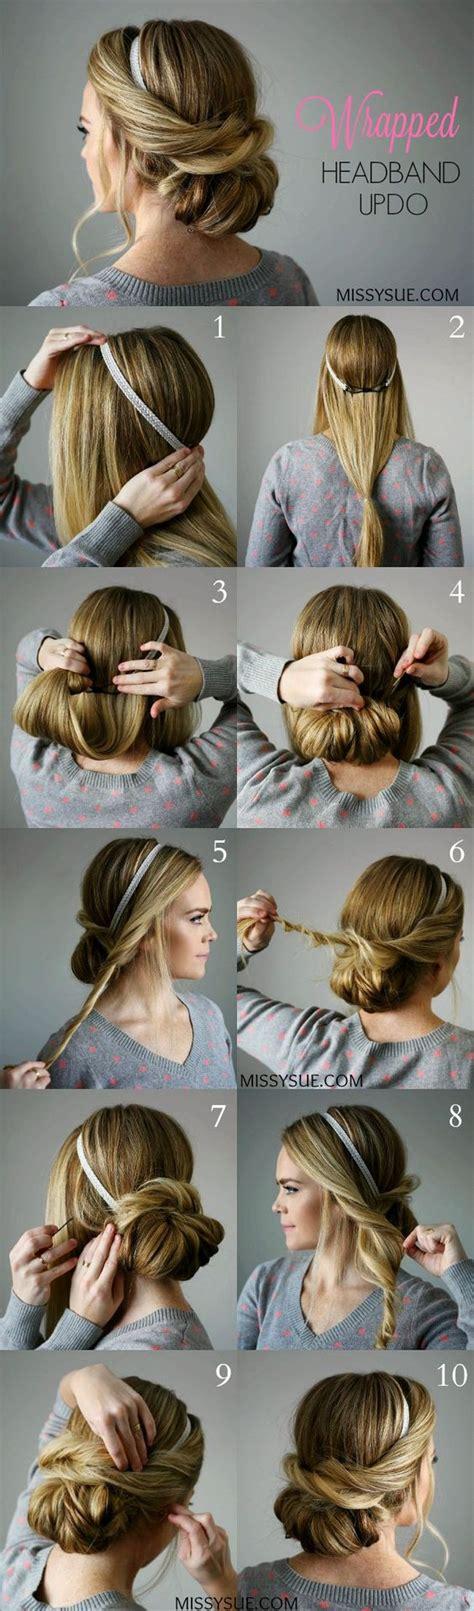 colonial hairstyles for women tutorial 3 tutoriales para hacerse peinados con diademas recogido